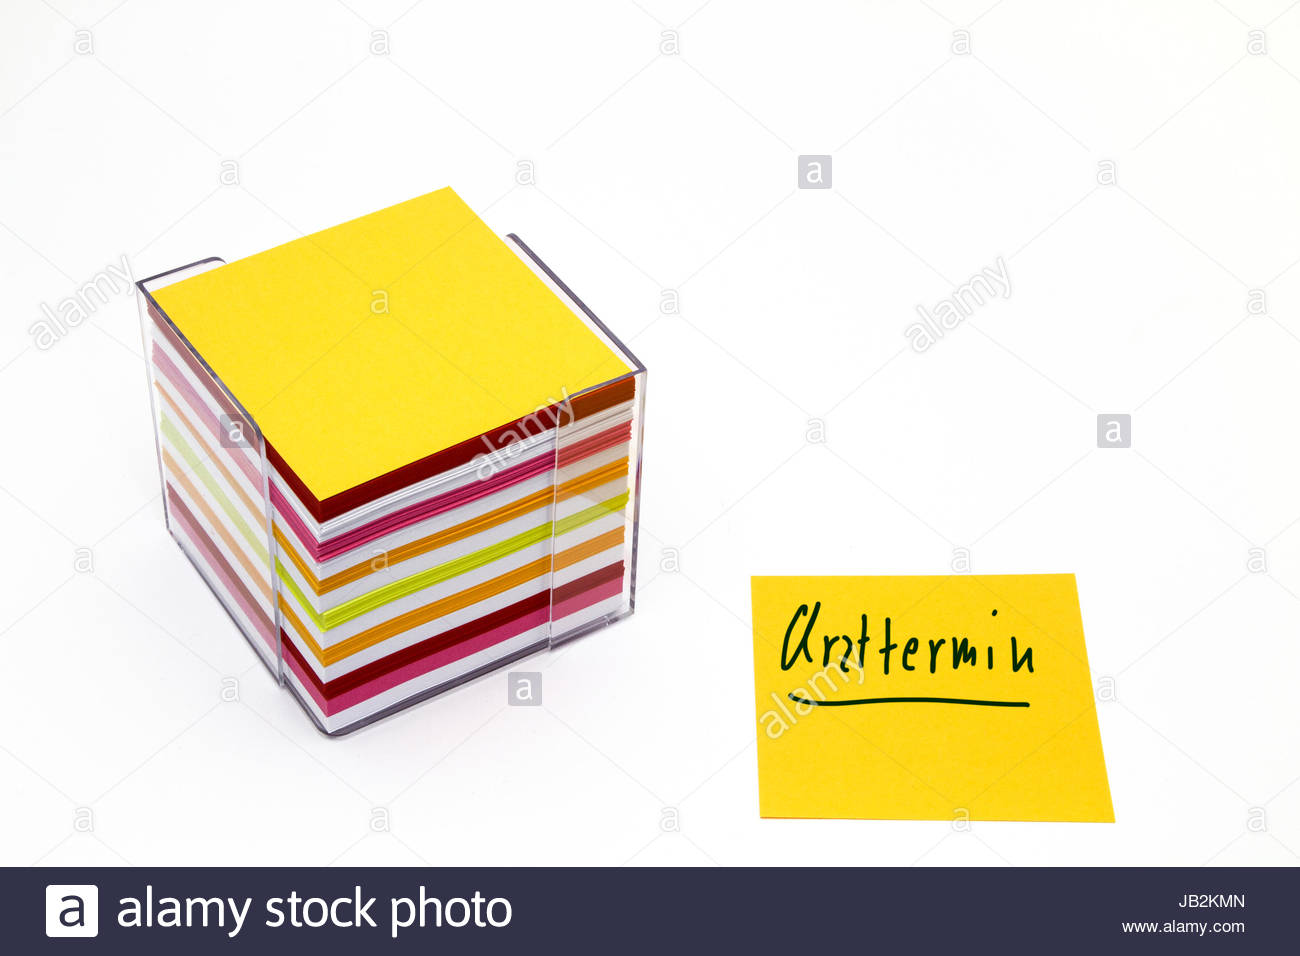 Notitzklotz mit vielen unterschiedlich bunten Merkzetteln Stock Photo